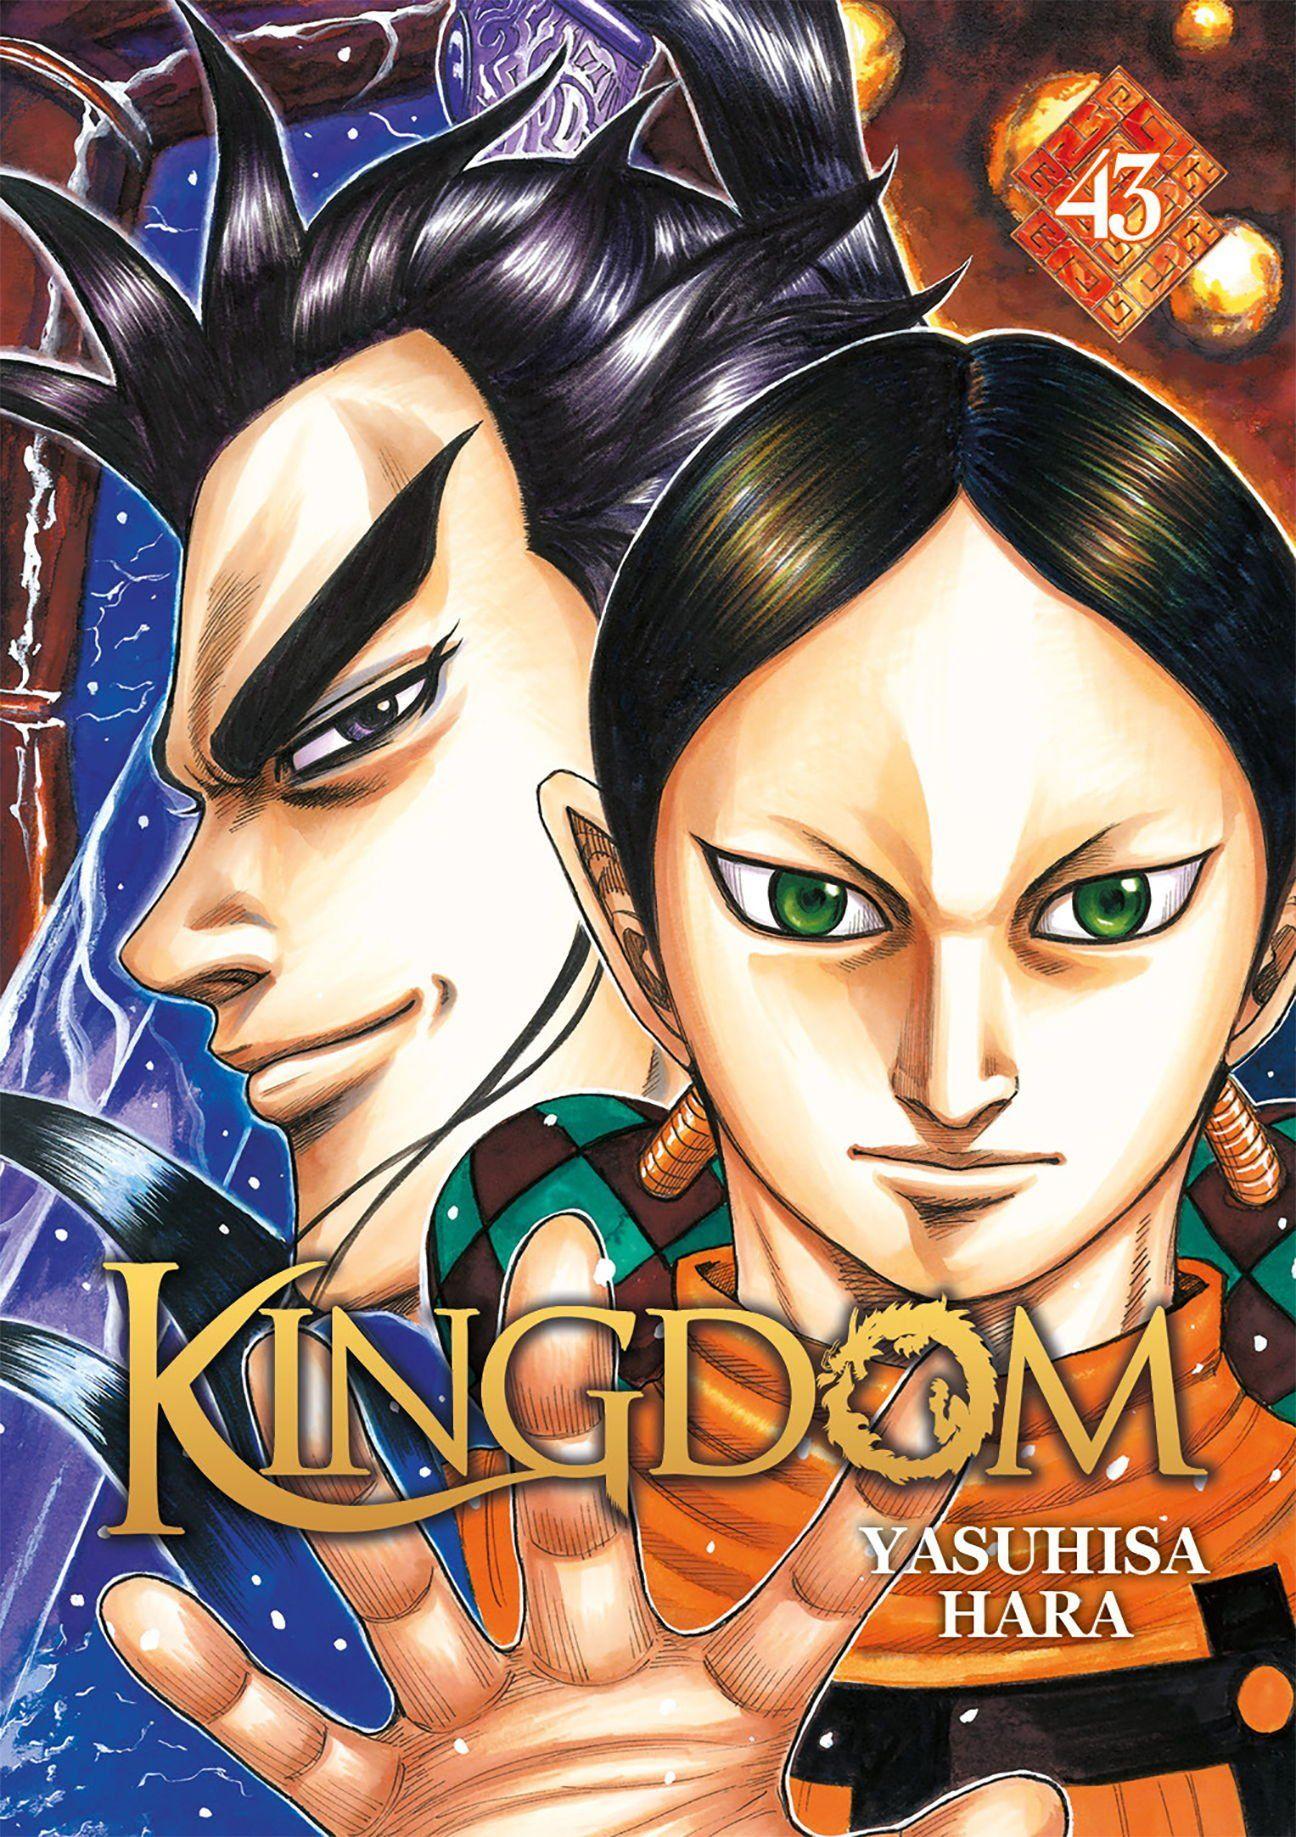 Kingdom Vol.43